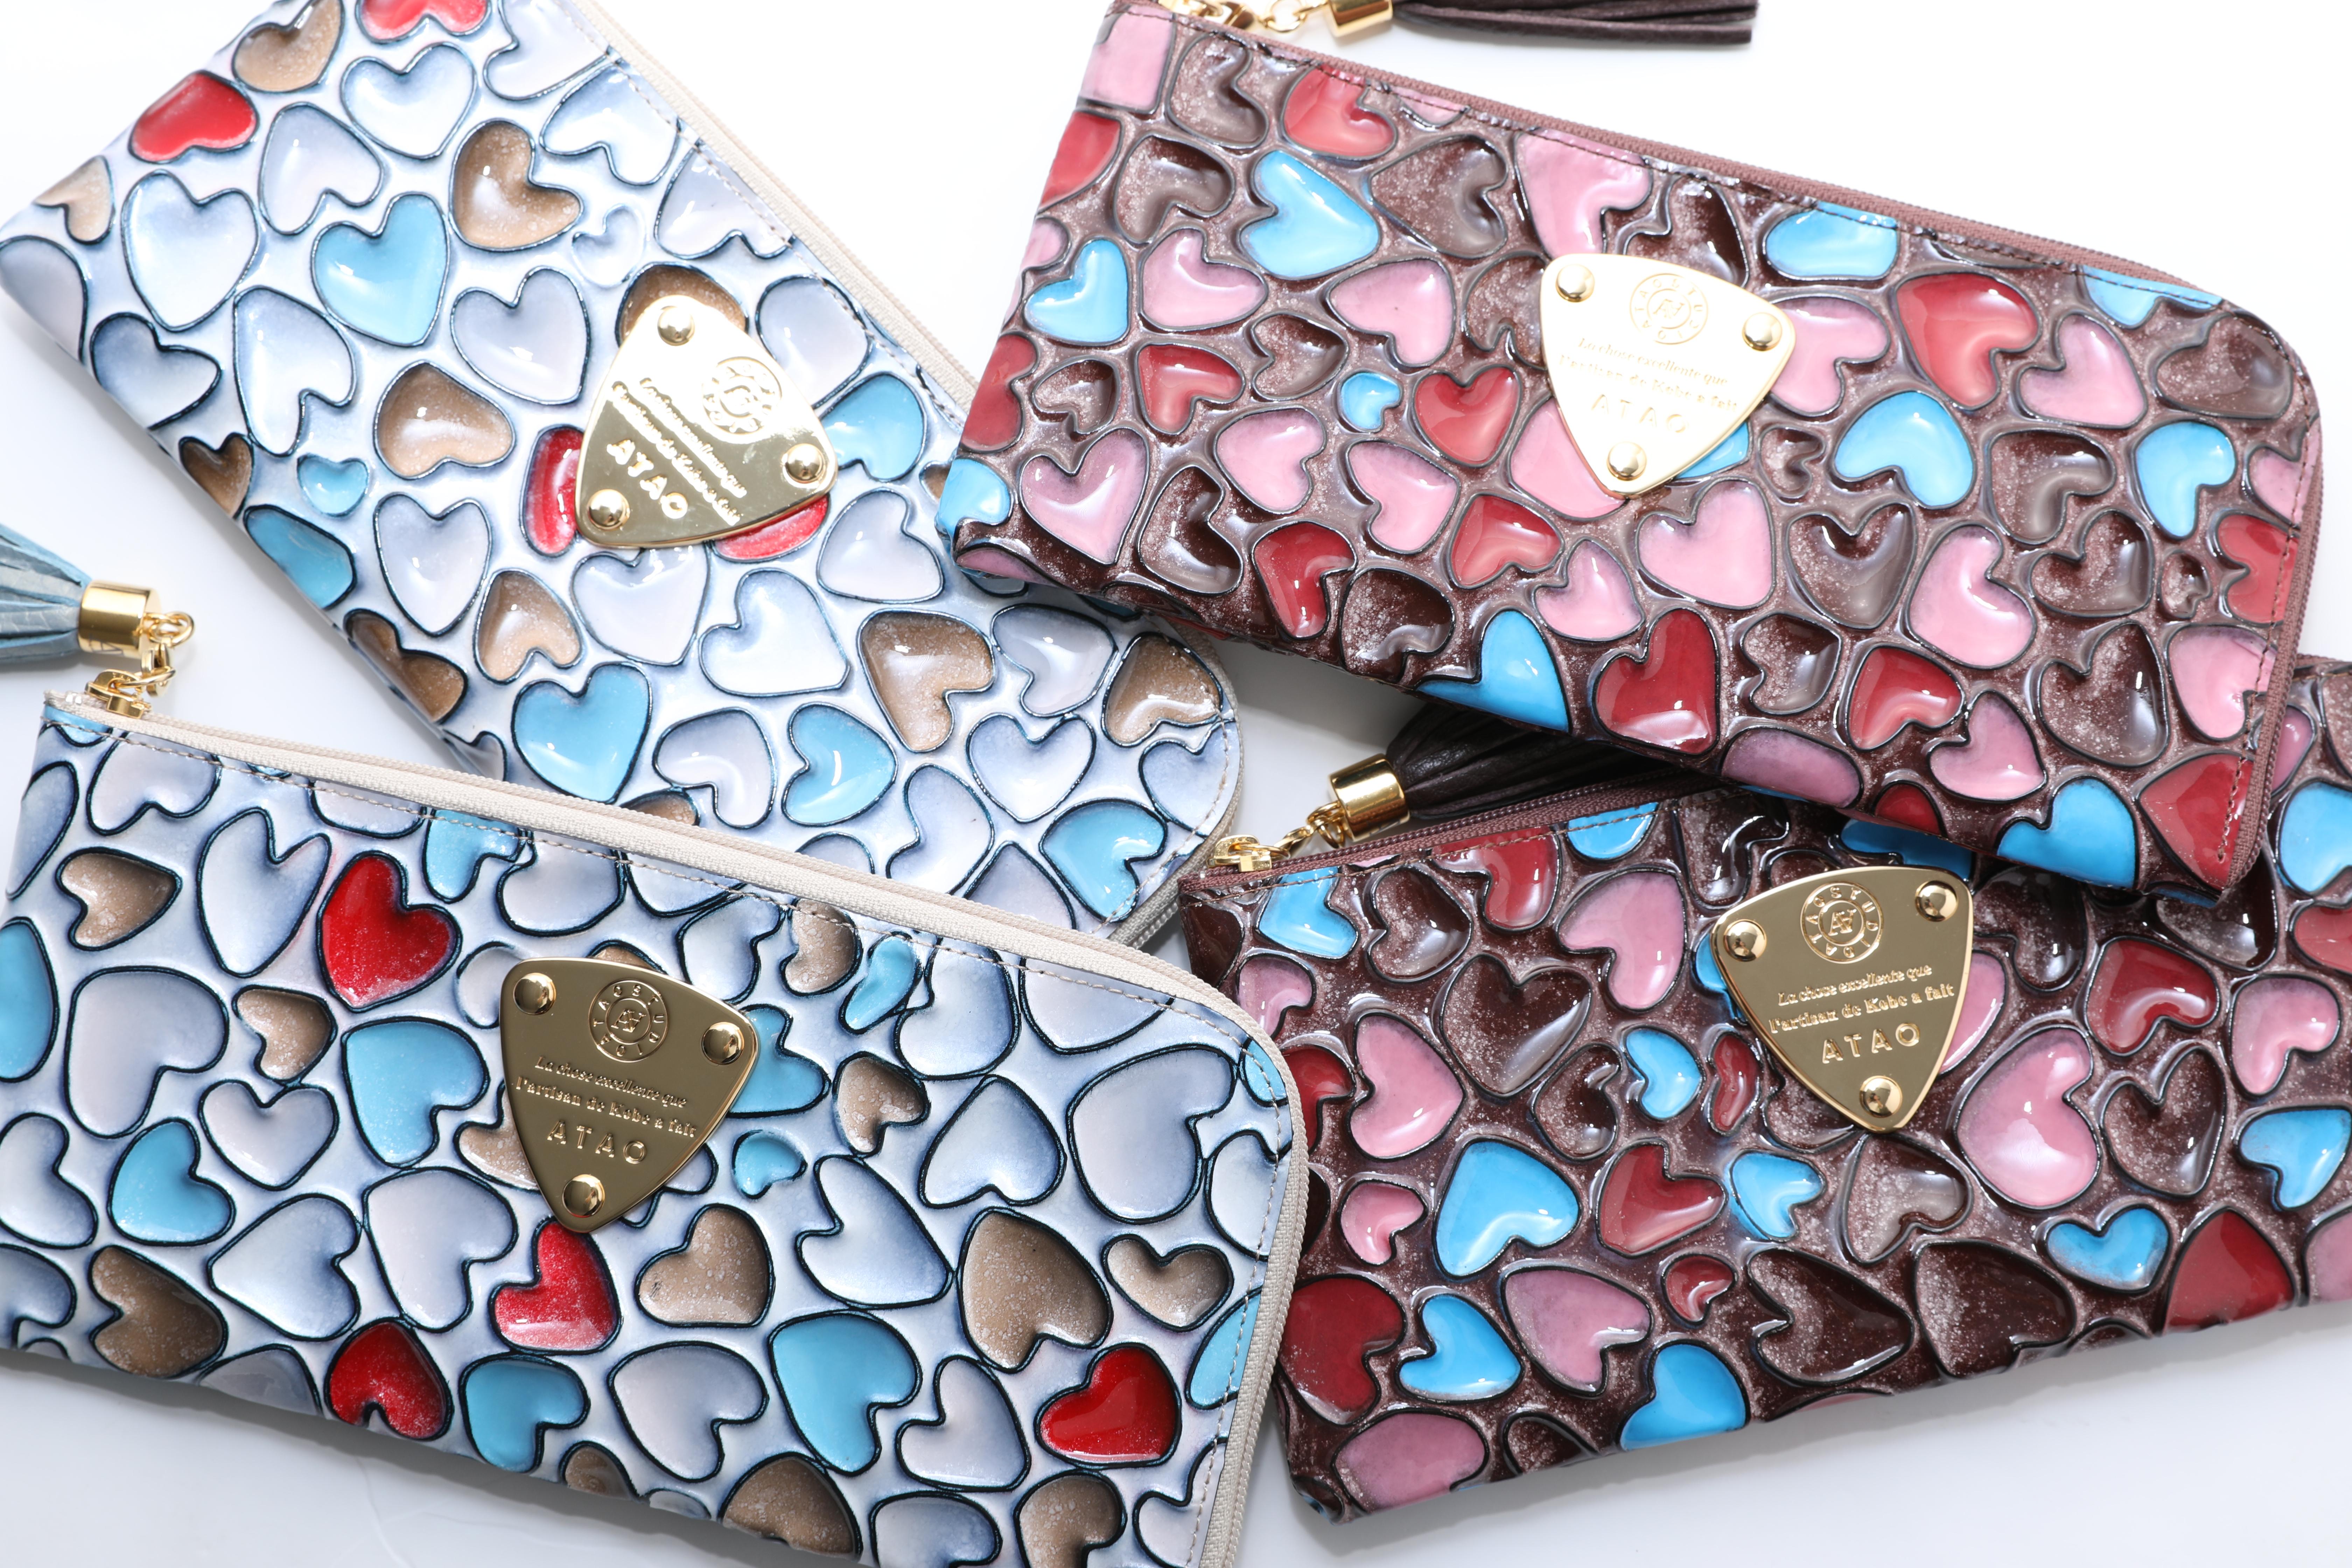 【ジャンル別】20代の女子に人気のレディース財布15選